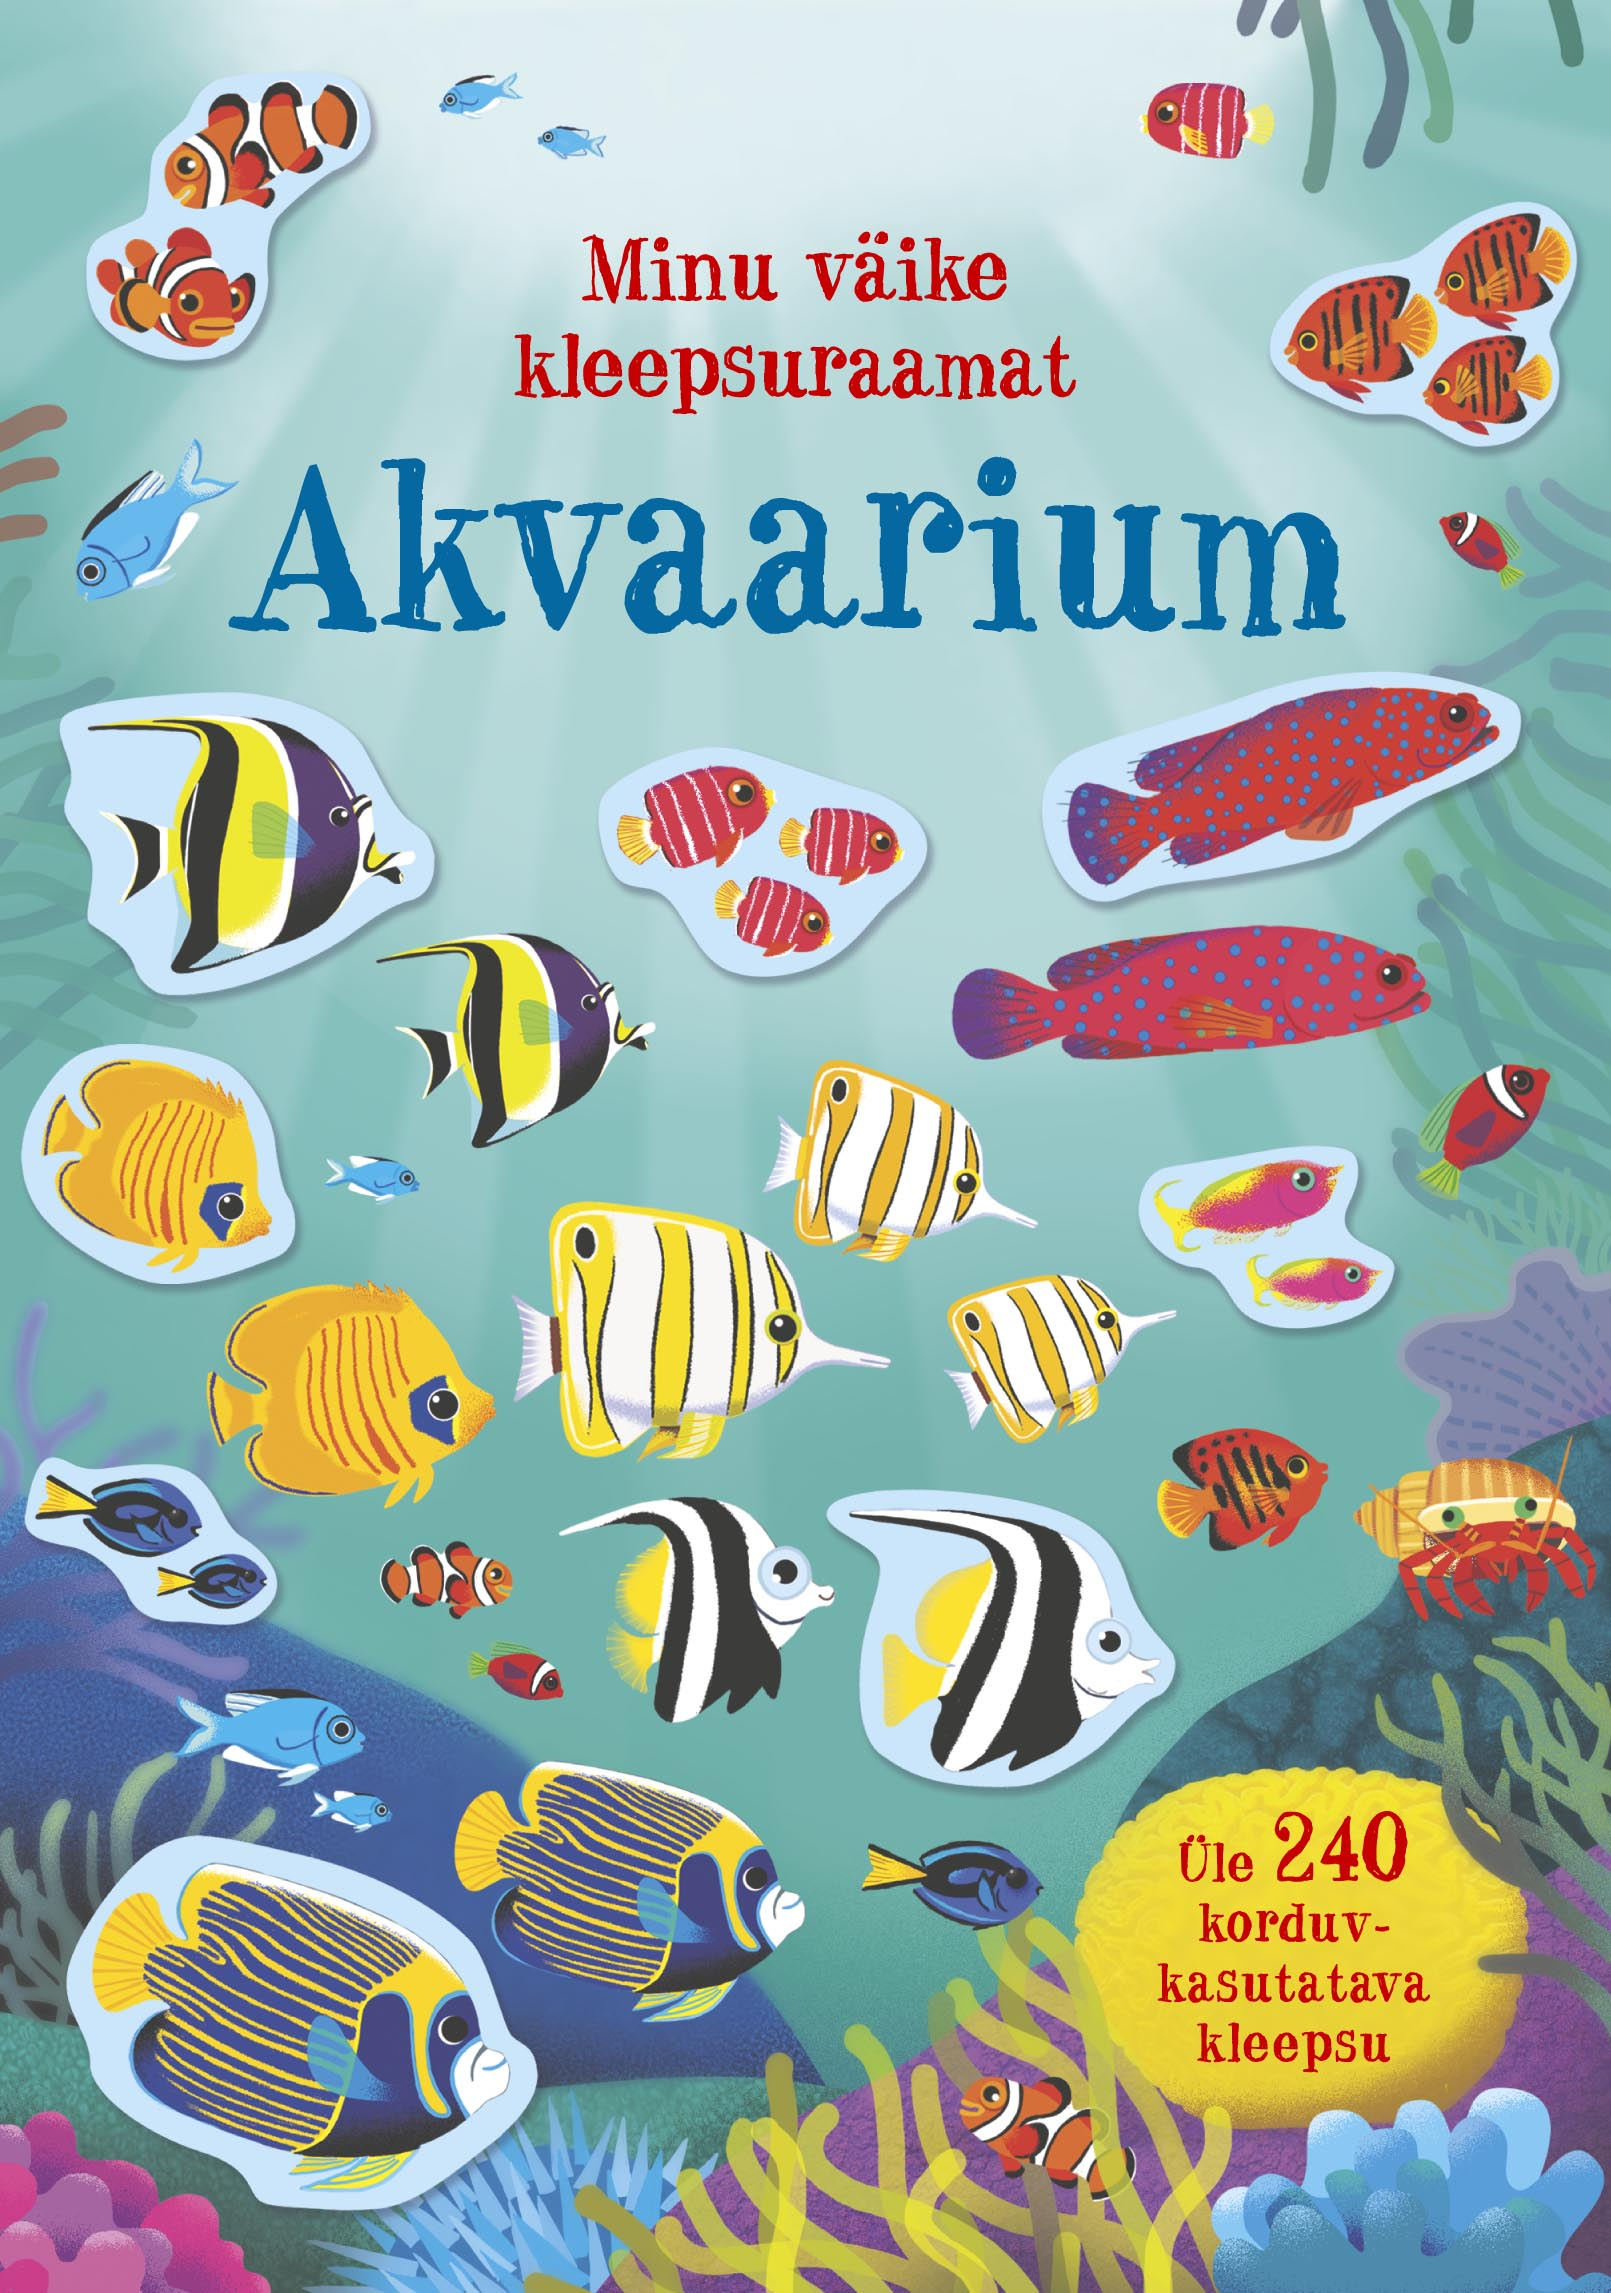 Akvaarium. minu väike kleepsuraamat